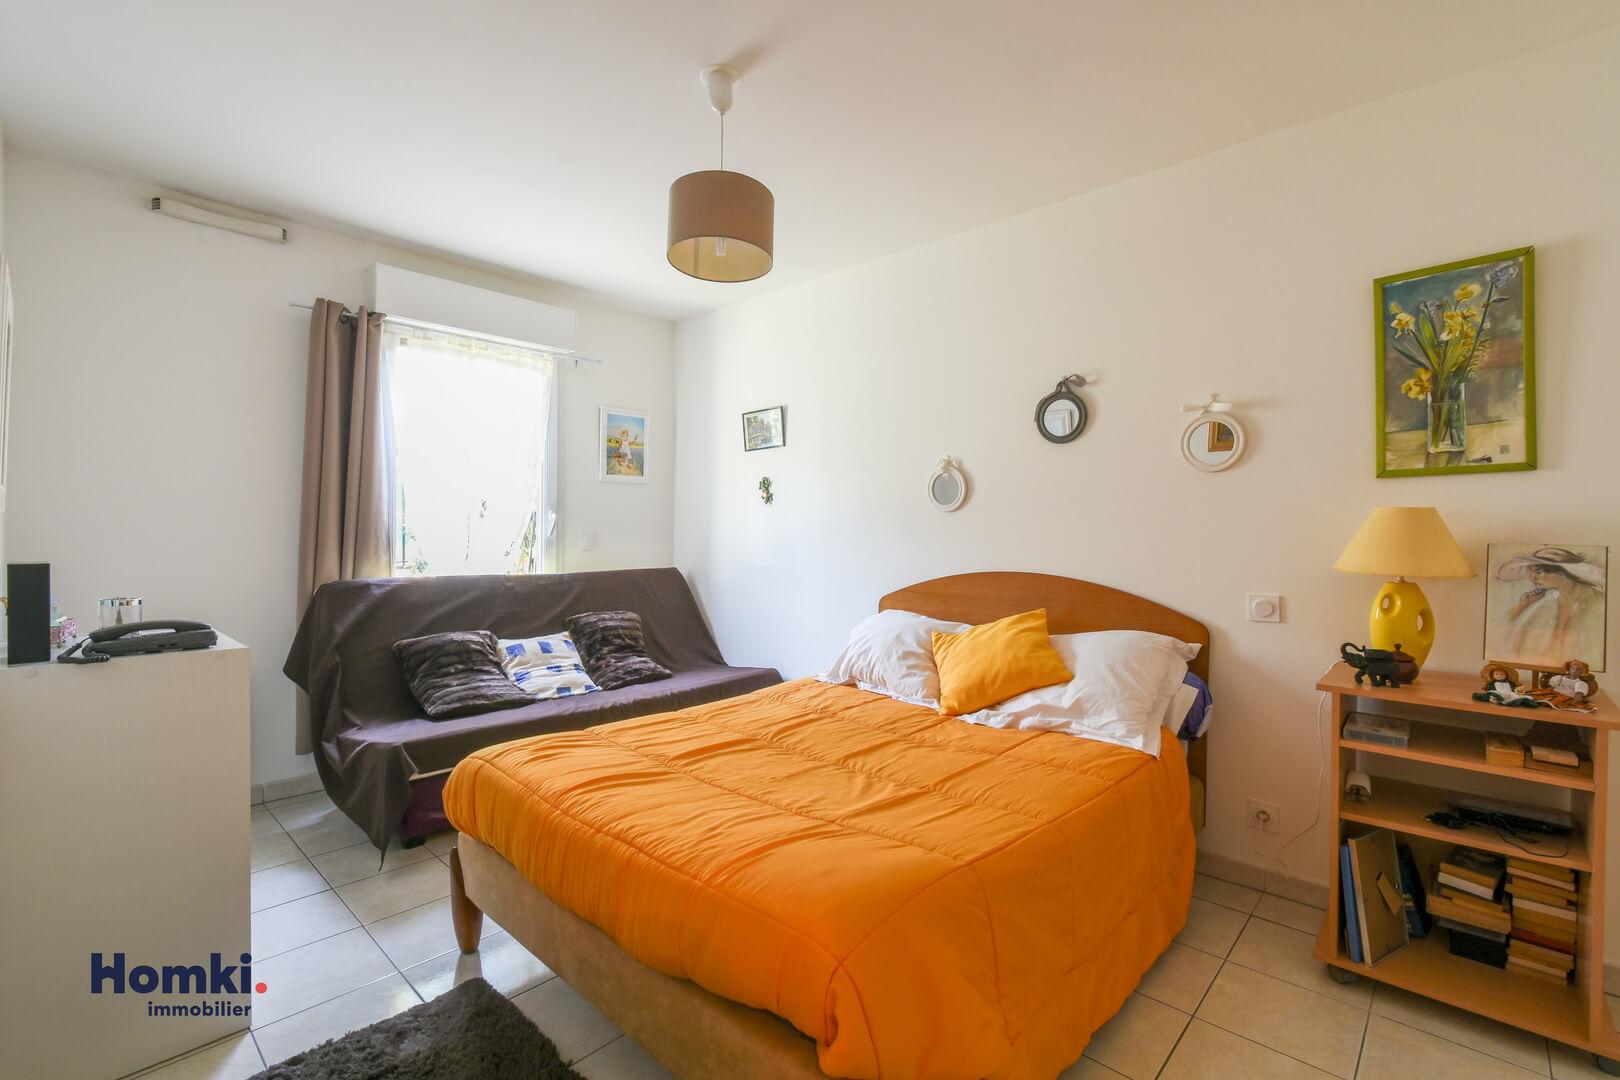 Vente appartement Saint Raphael T3 83700_7